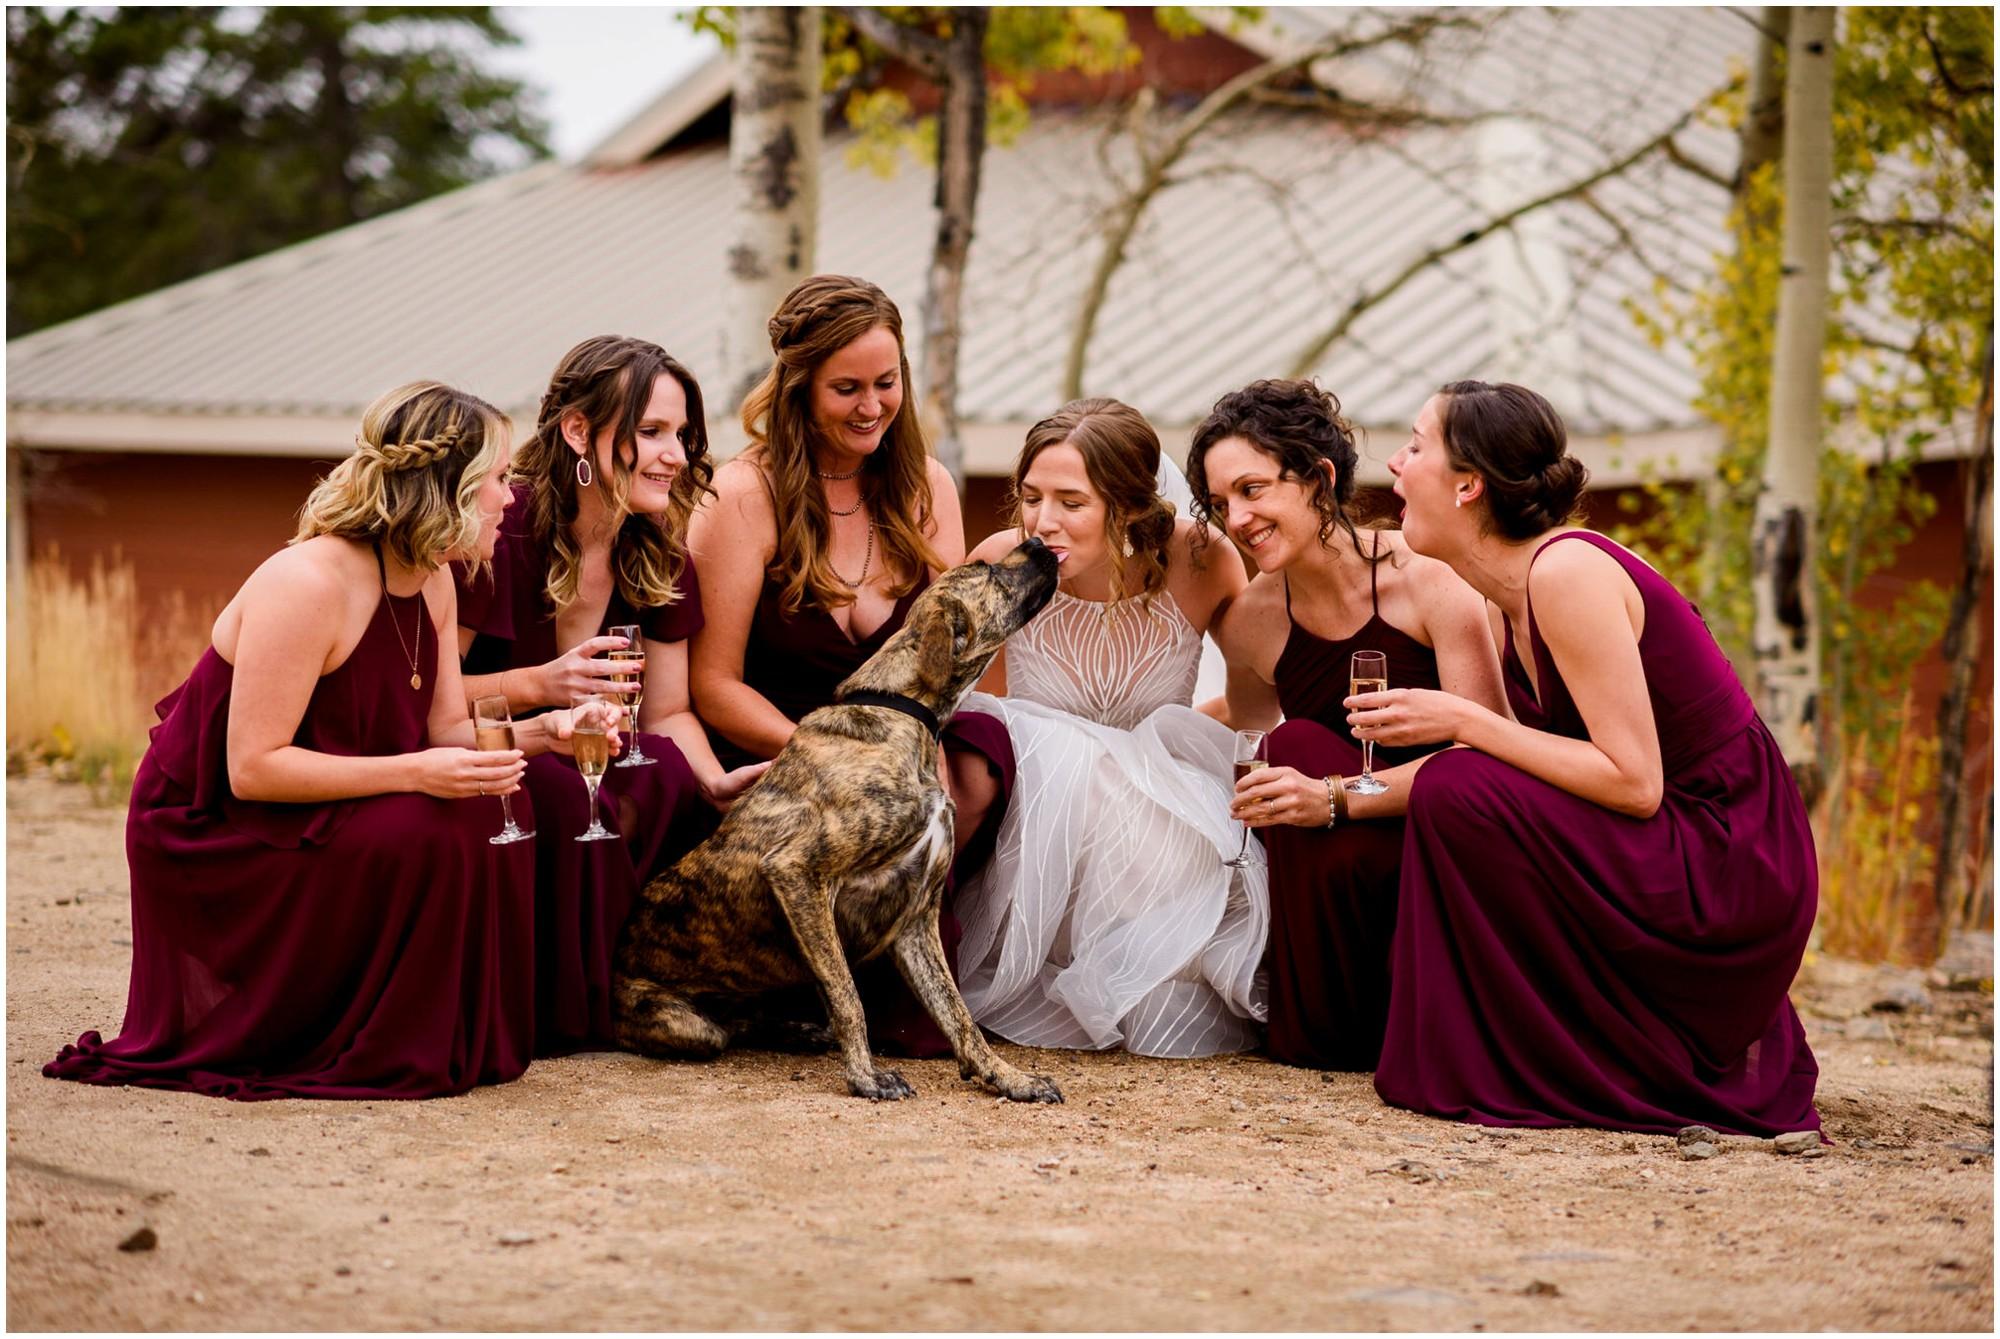 138-Estes-Park-Colorado-Fall-Wedding-Photography.jpg